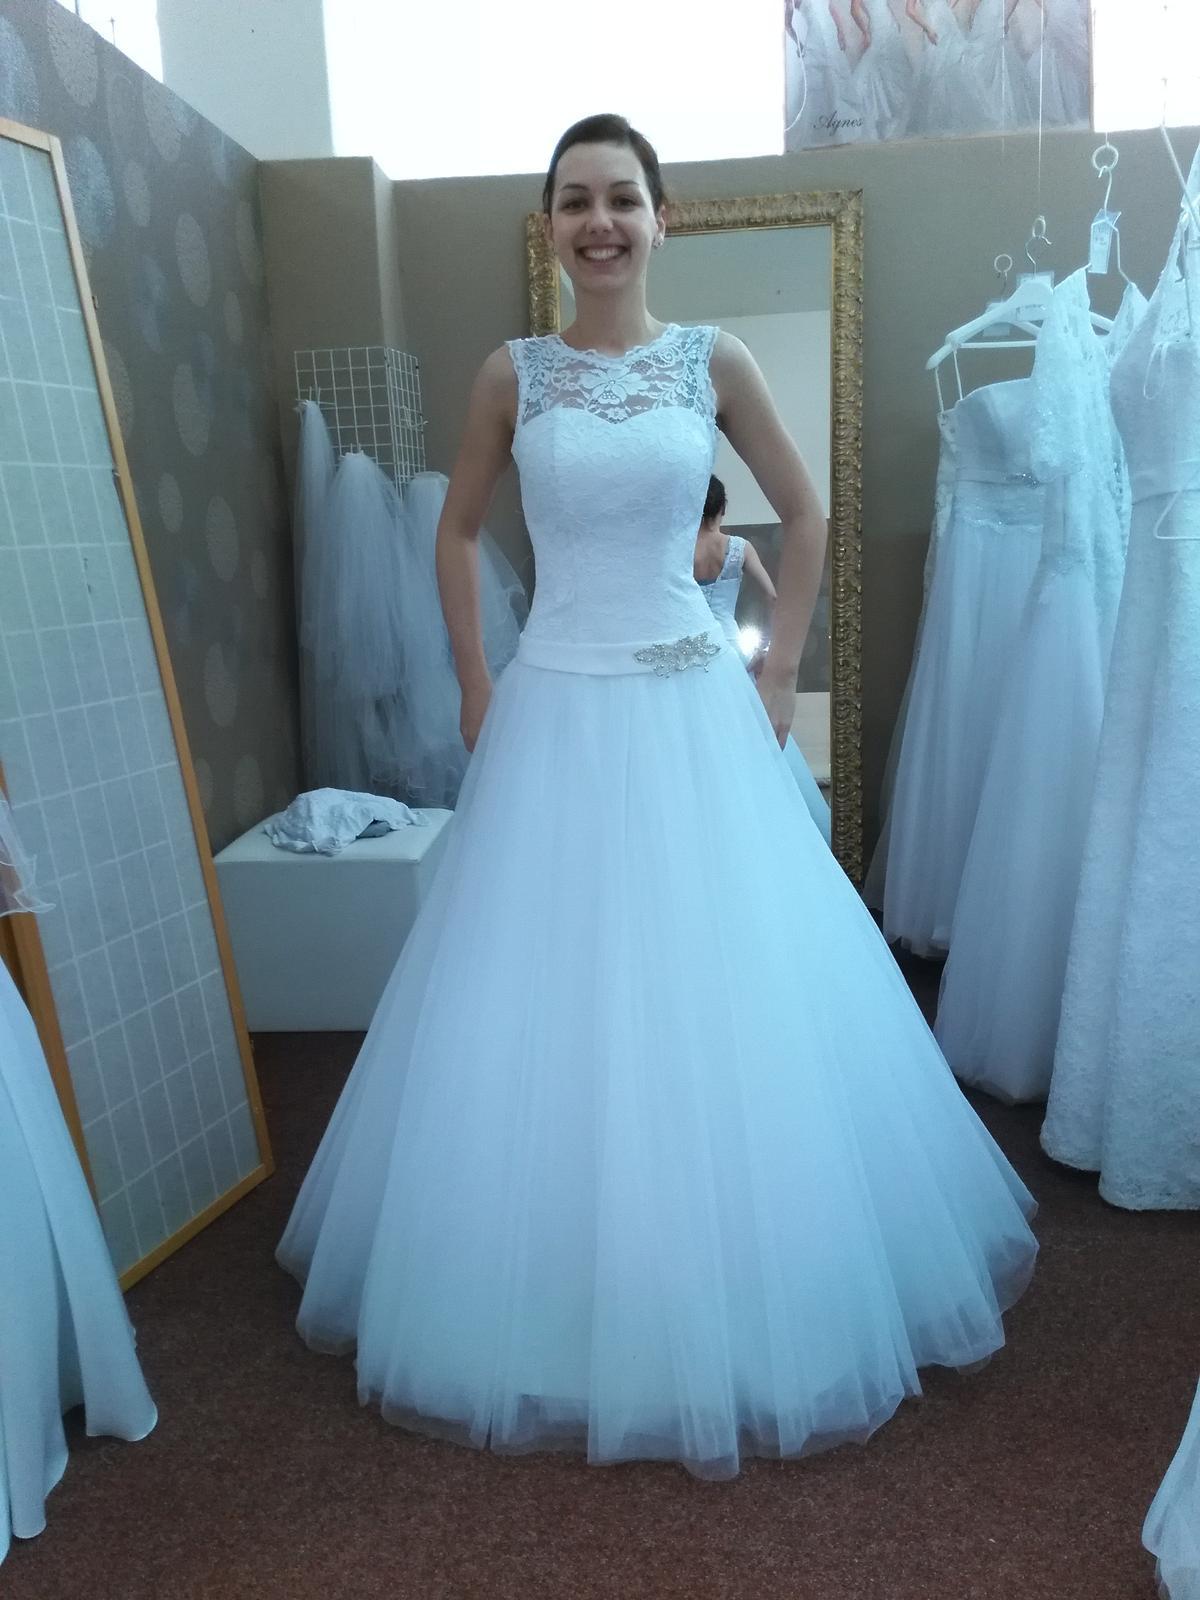 Milé nevěsty mohu znát... - Obrázek č. 1